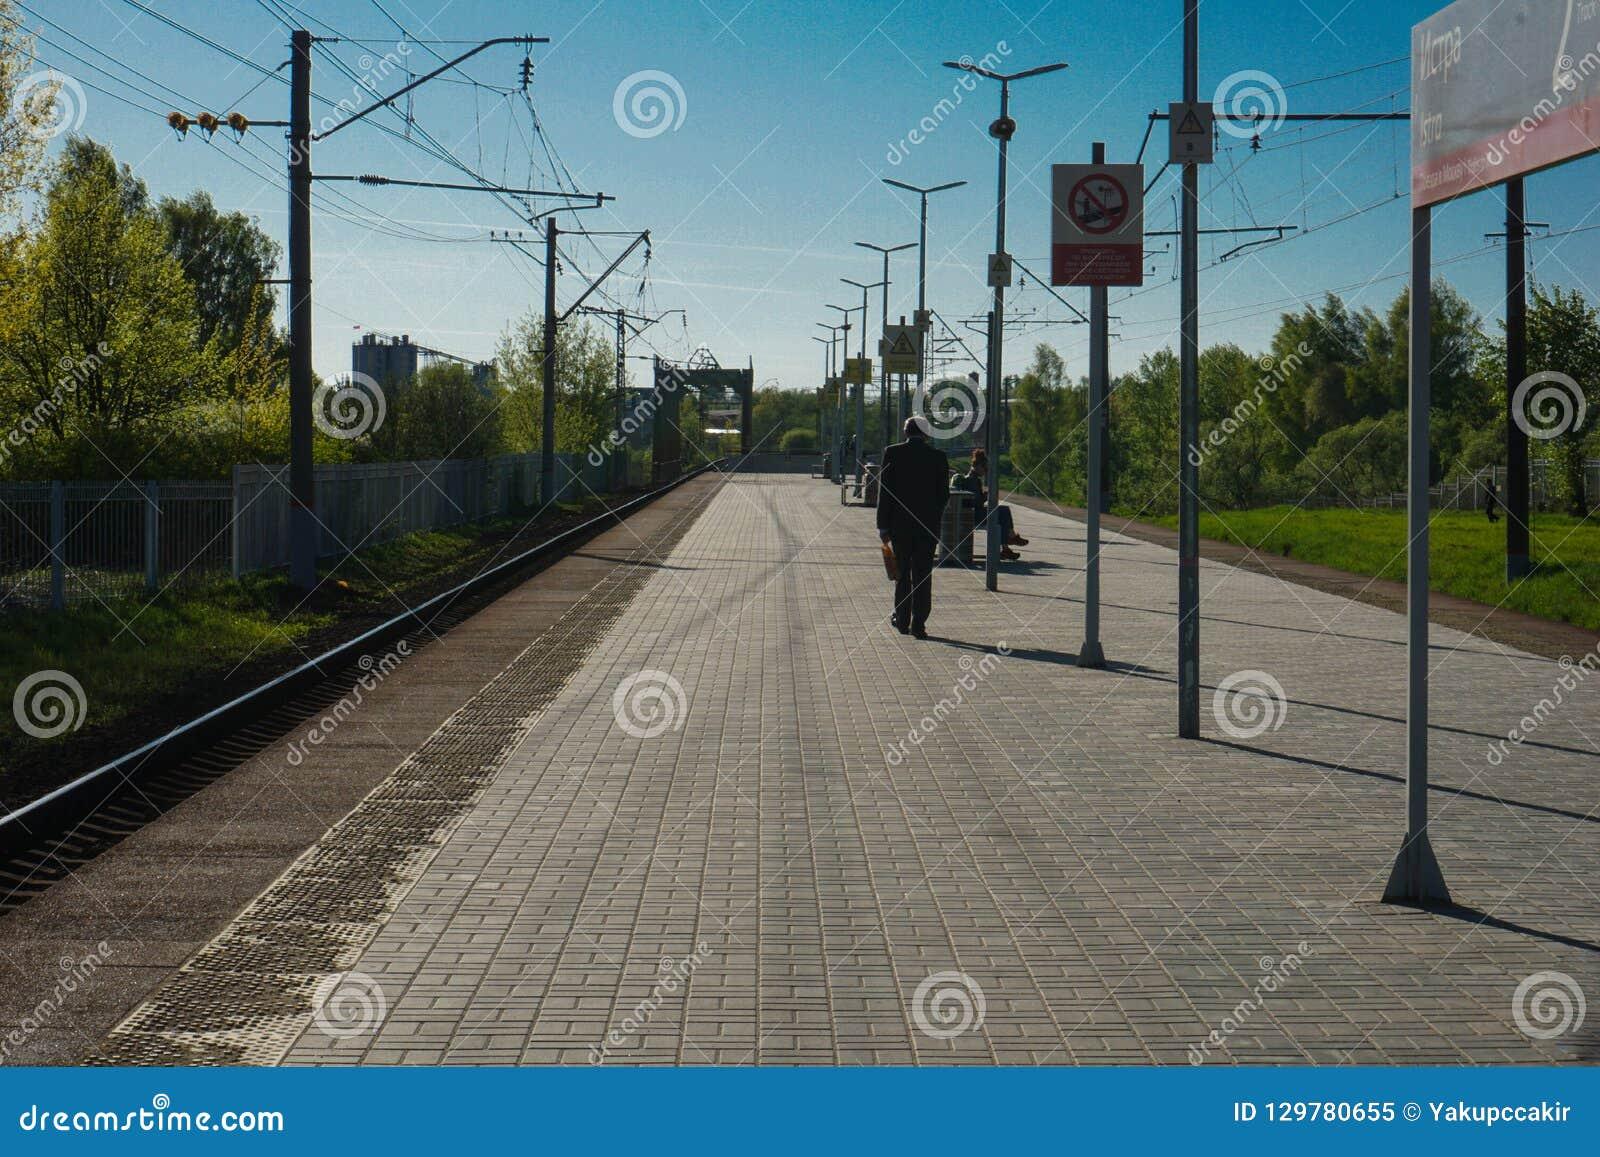 Moskva Ryssland - drevstation som väntar på drevet för att returnera, Moskvautkant